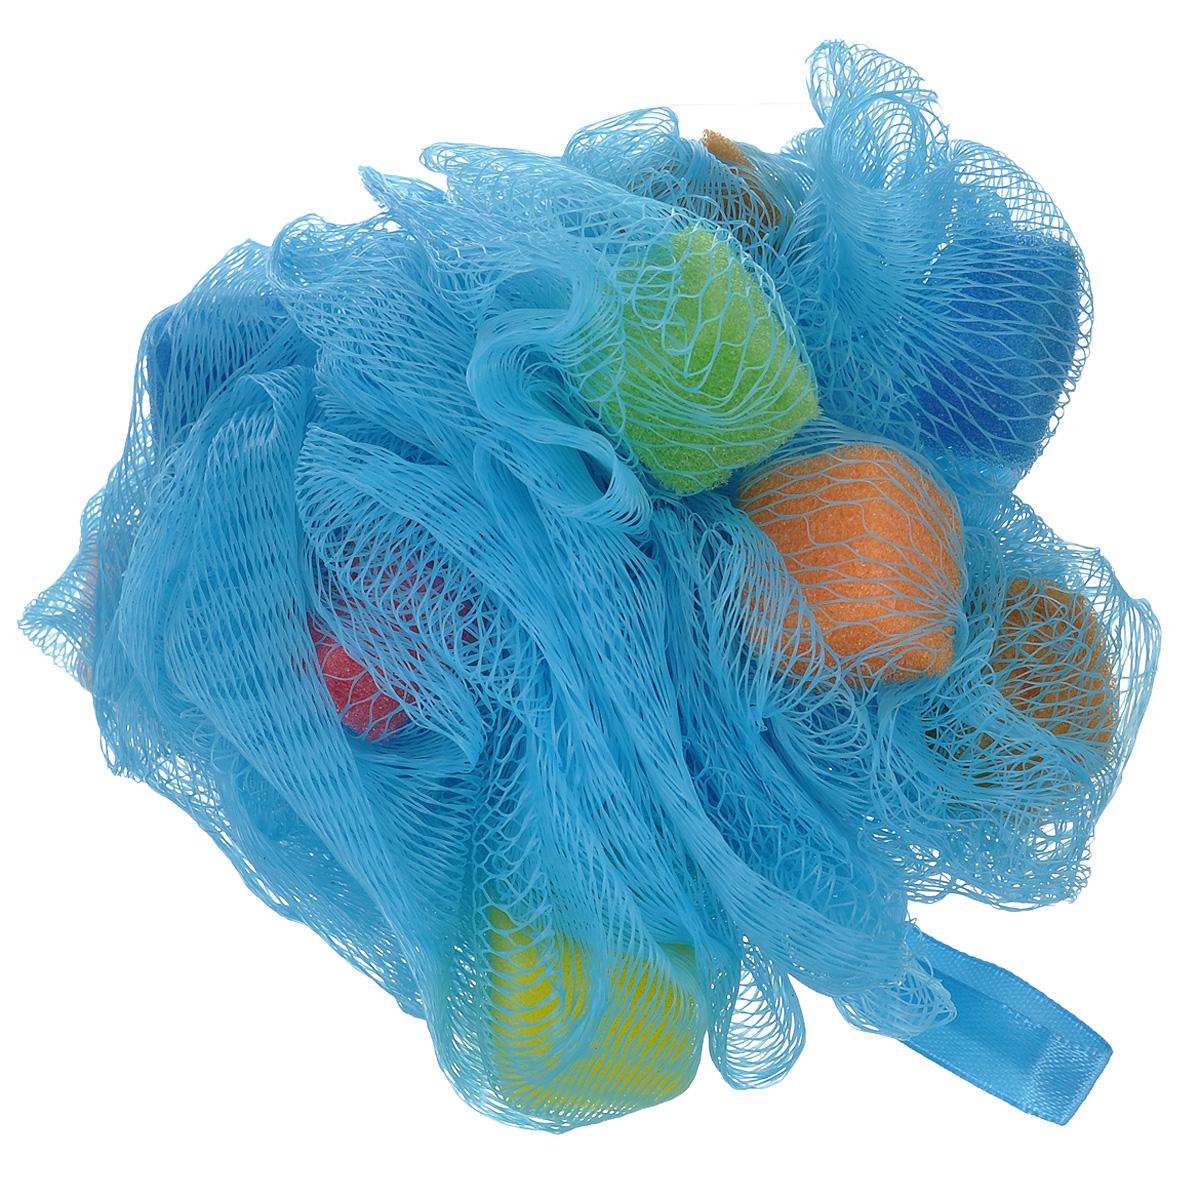 Мочалка нейлоновая The Body Time, цвет: светло-синий. 5705557055 синийМочалка The Body Time, изготовленная из нейлона, мягко и бережно очищает, массирует и тонизирует кожу. Мочалка улучшает циркуляцию крови и обмен веществ, делает кожу здоровой и красивой. Мини-губки внутри мочалки создают исключительно пышную пену. Подходит для ежедневного применения.